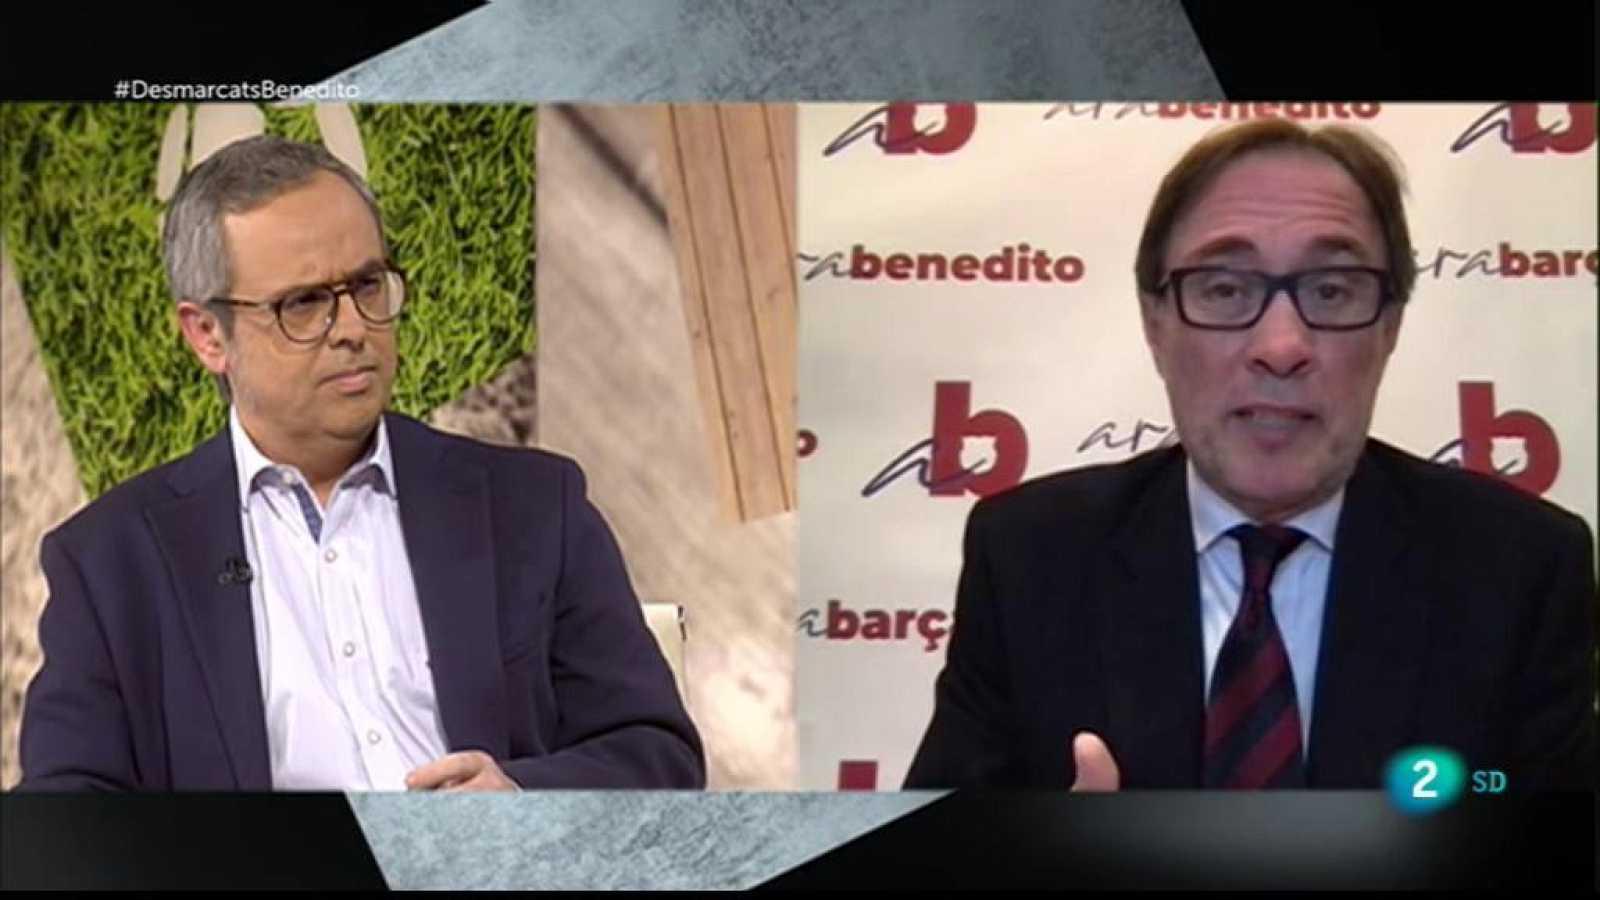 Desmarcats - Entrevista a Agustí Benedito